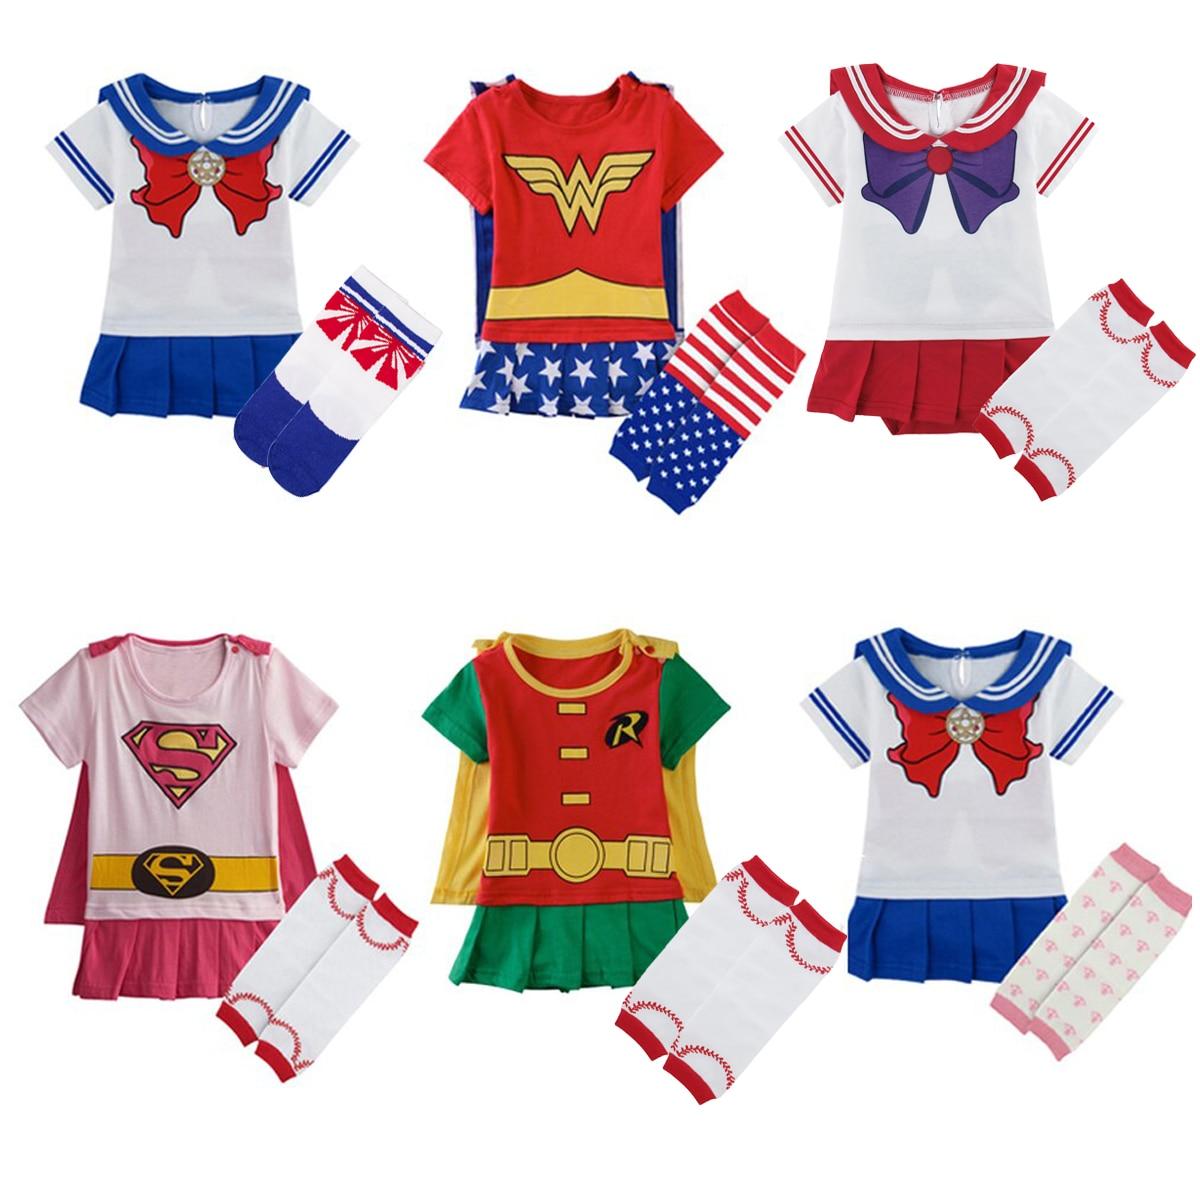 Новые детские футболки различного цвета и различными рисунками